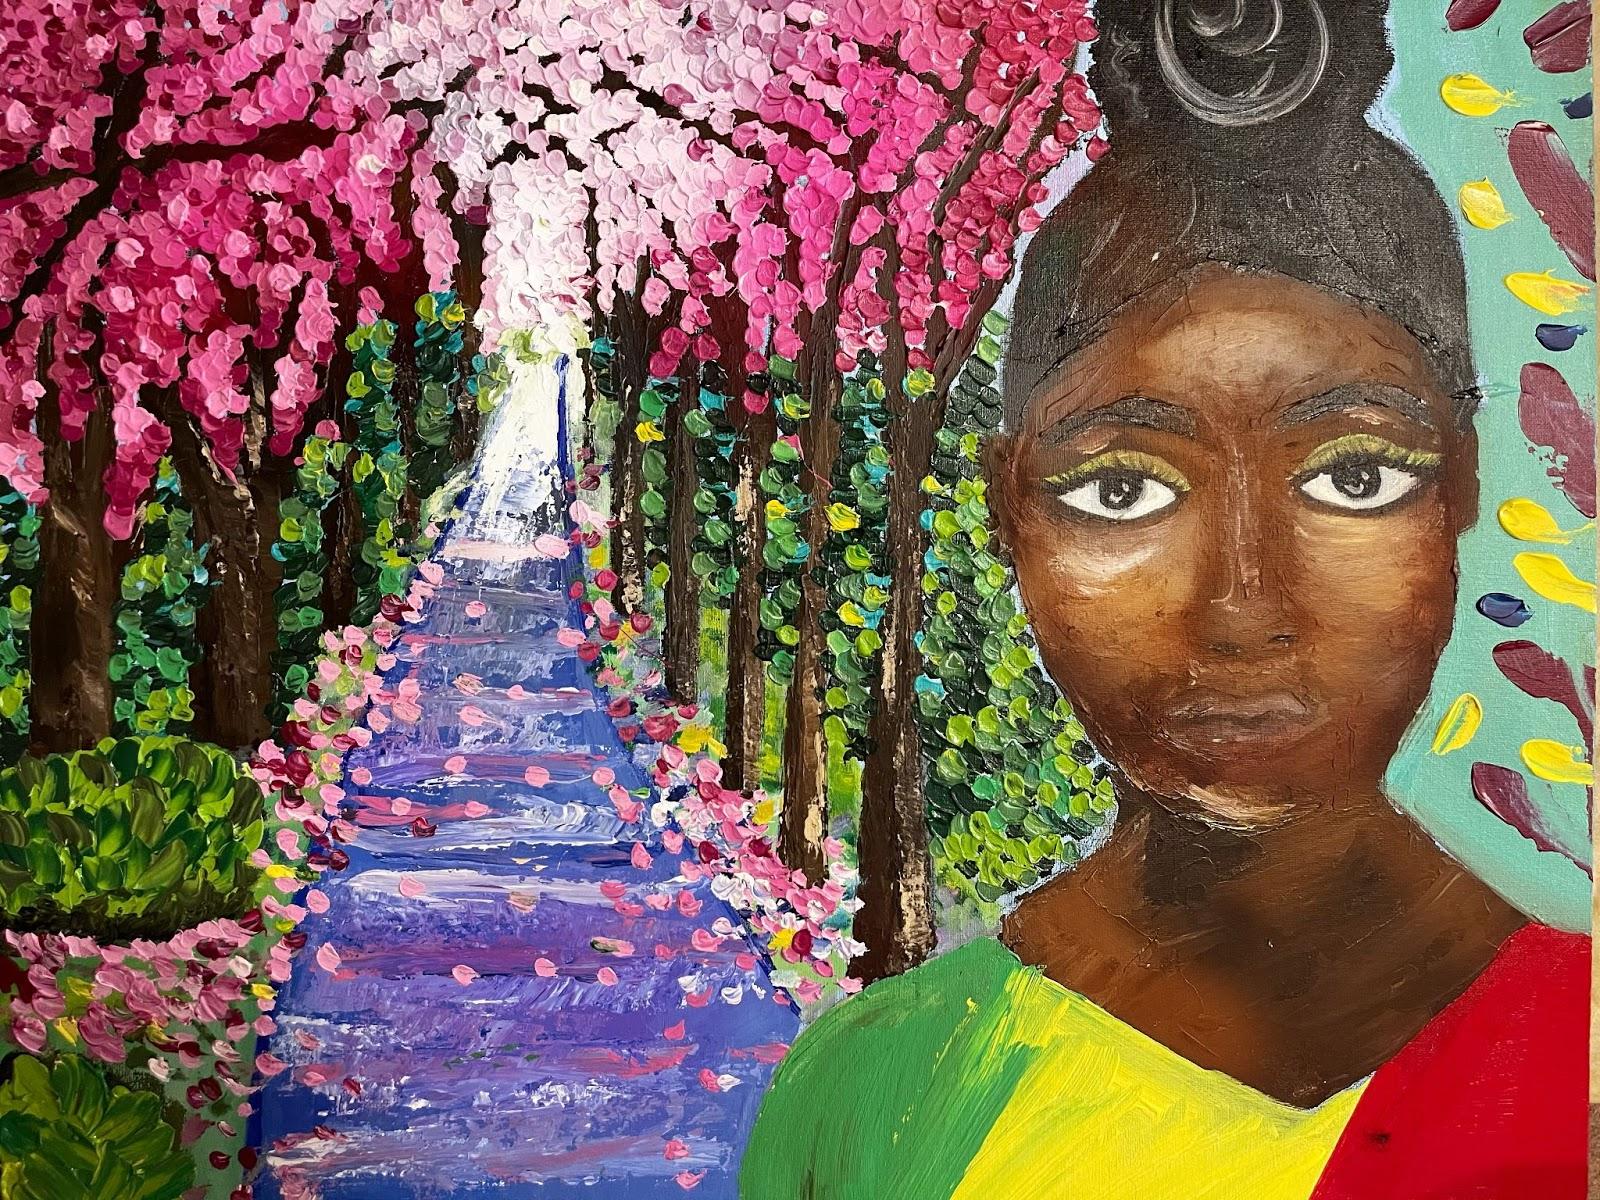 Teshaba Barlow - self portrait